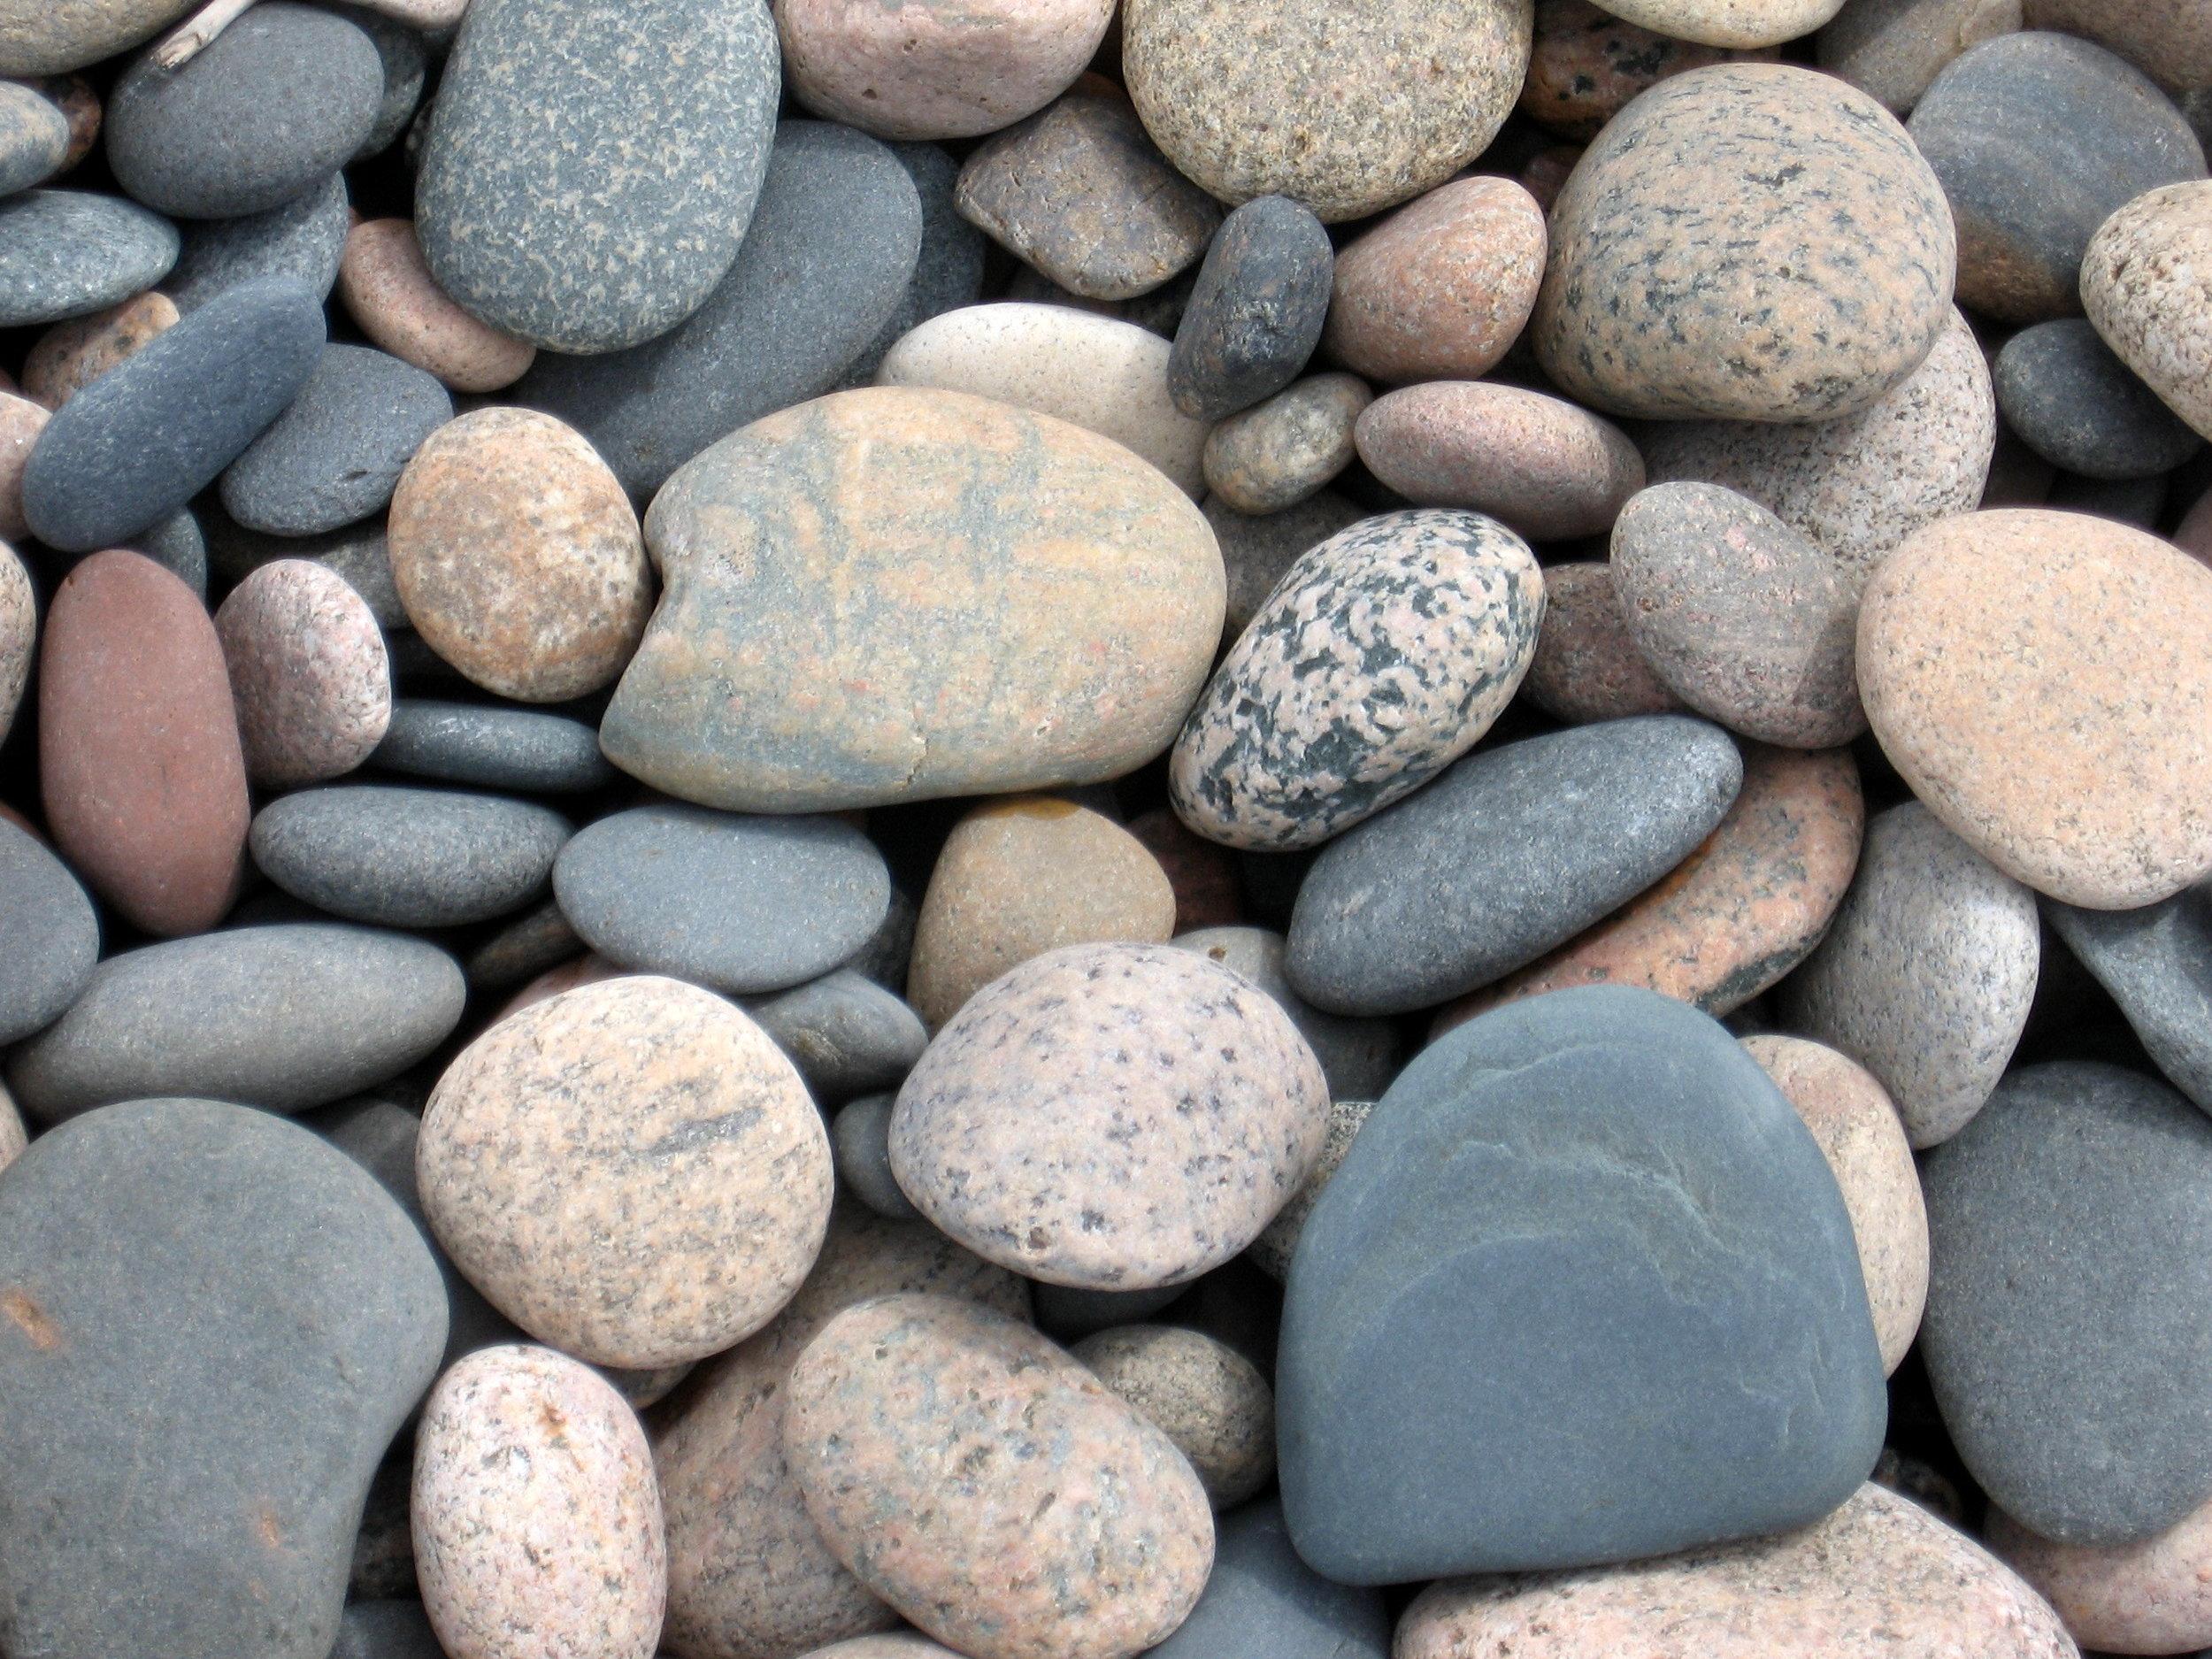 rocks3.jpg